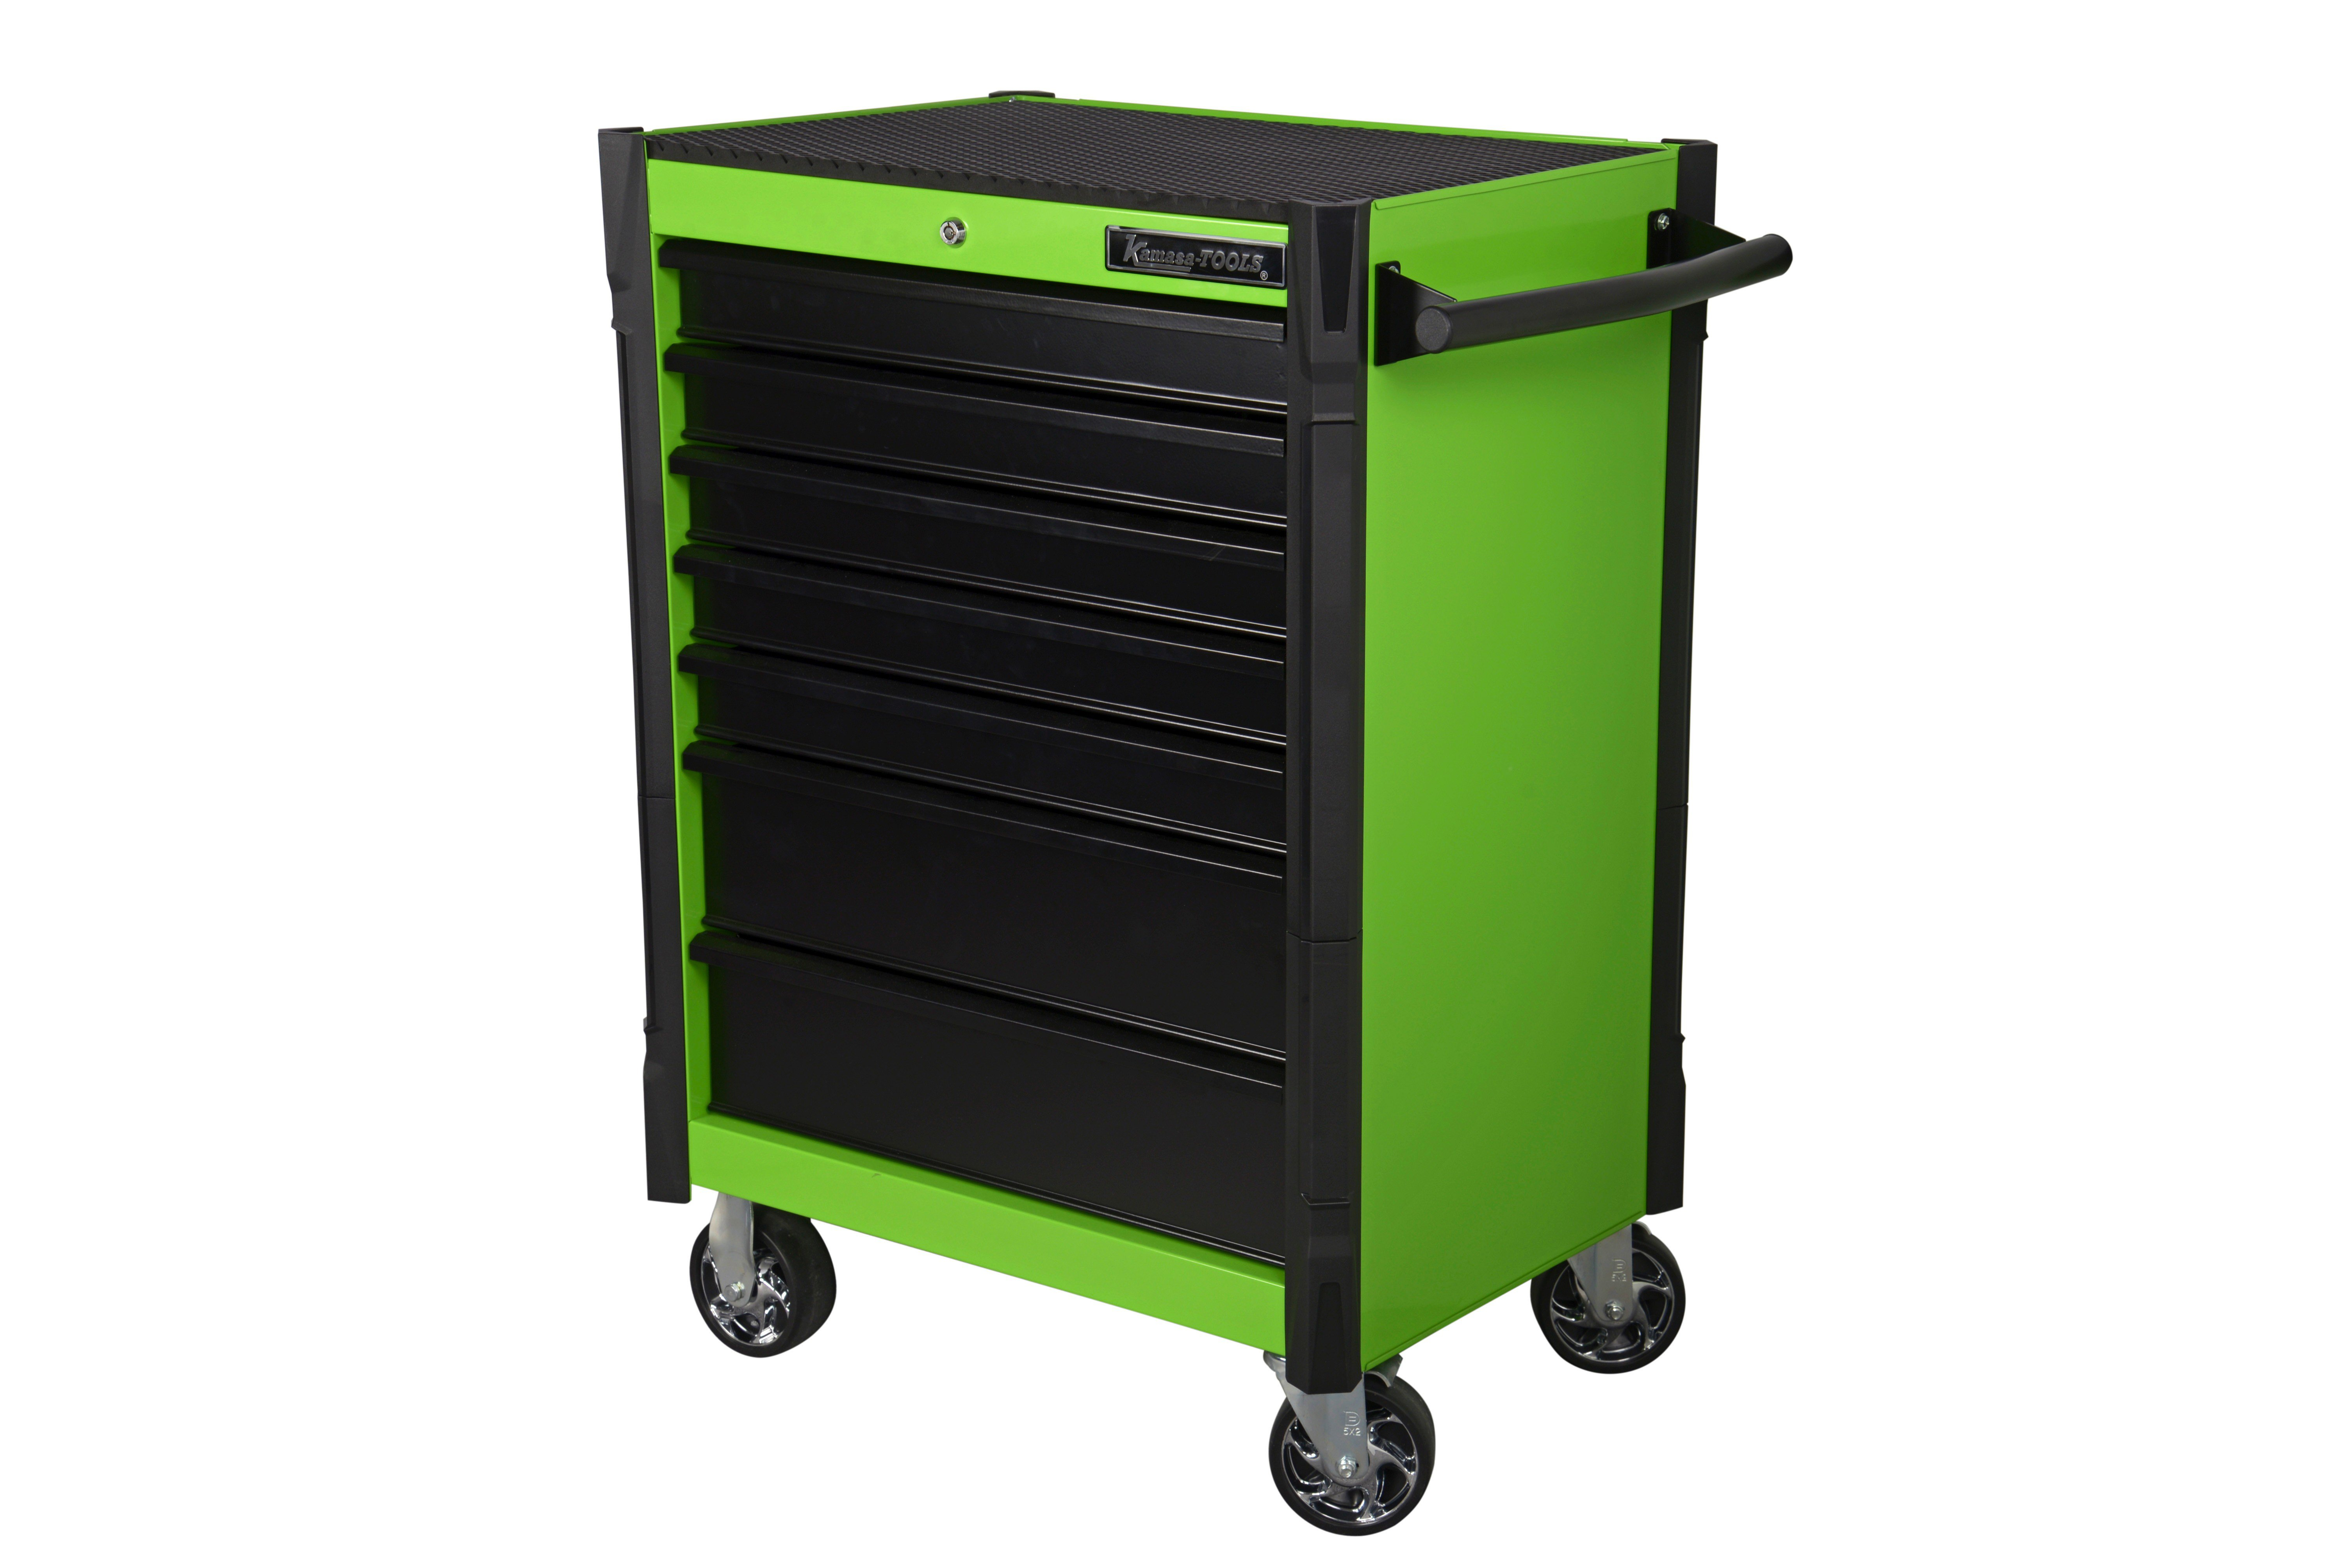 Verktygsvagn. 7 låd. ljusgrön